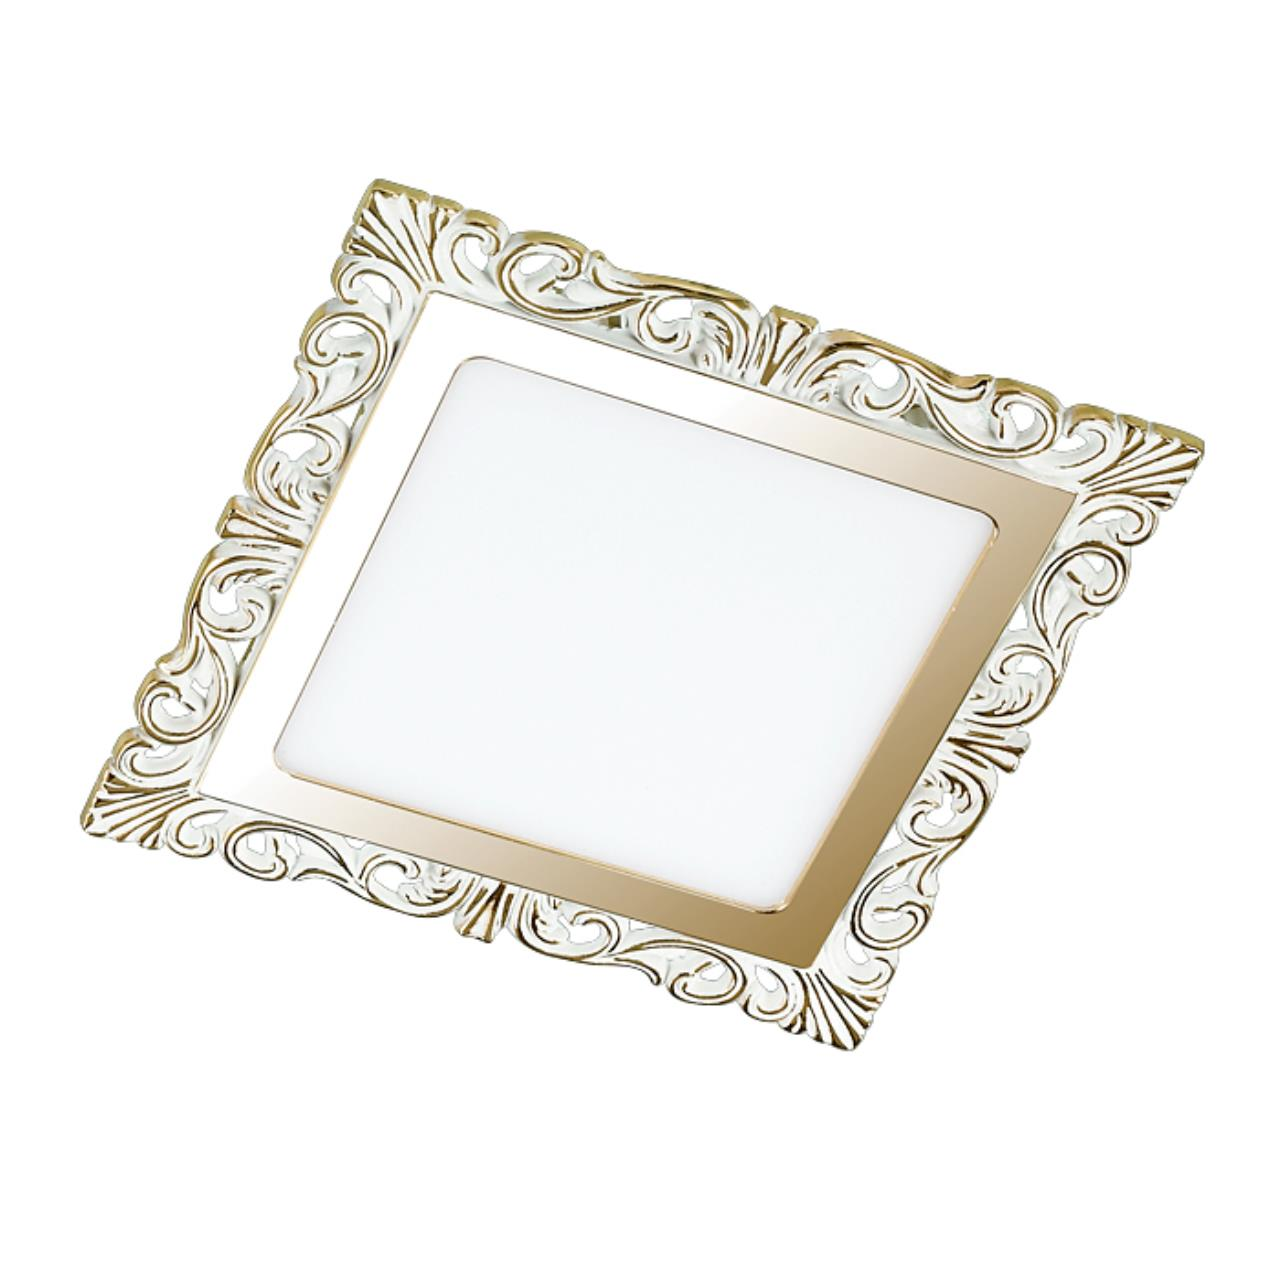 357279 SPOT NT16 141 белый/золото Встраиваемый светильник IP20 LED 3000K 12W 220-240V PEILI